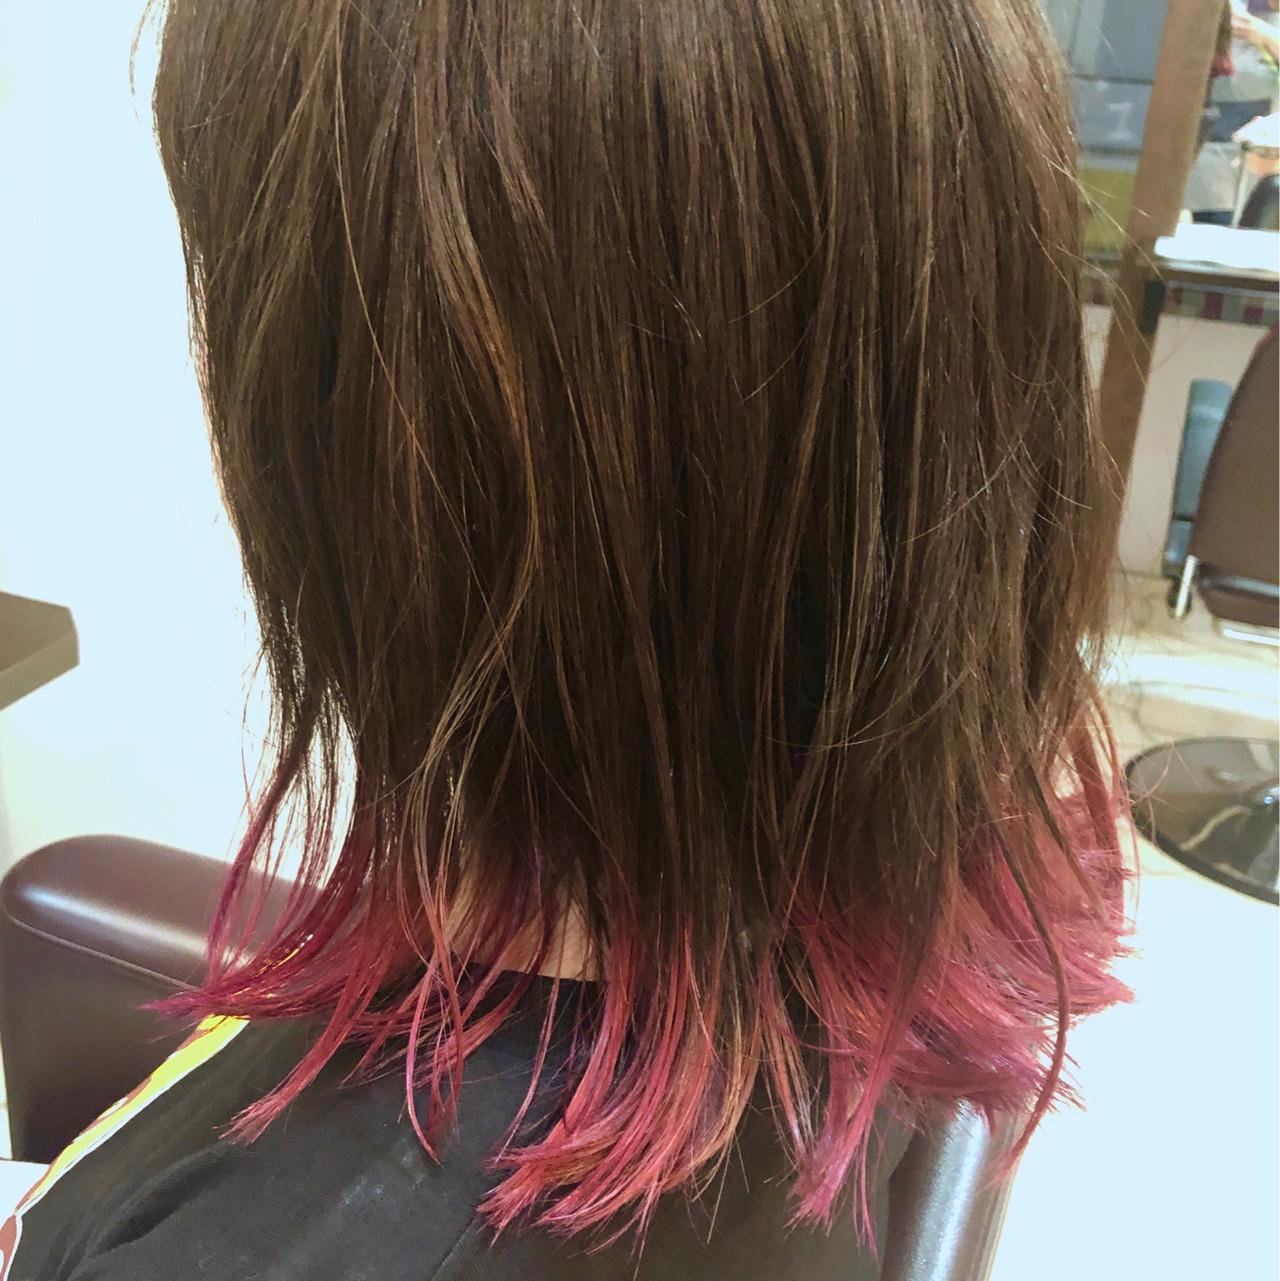 ブリーチカラー フェミニン ヘアカラー ミディアム ヘアスタイルや髪型の写真・画像